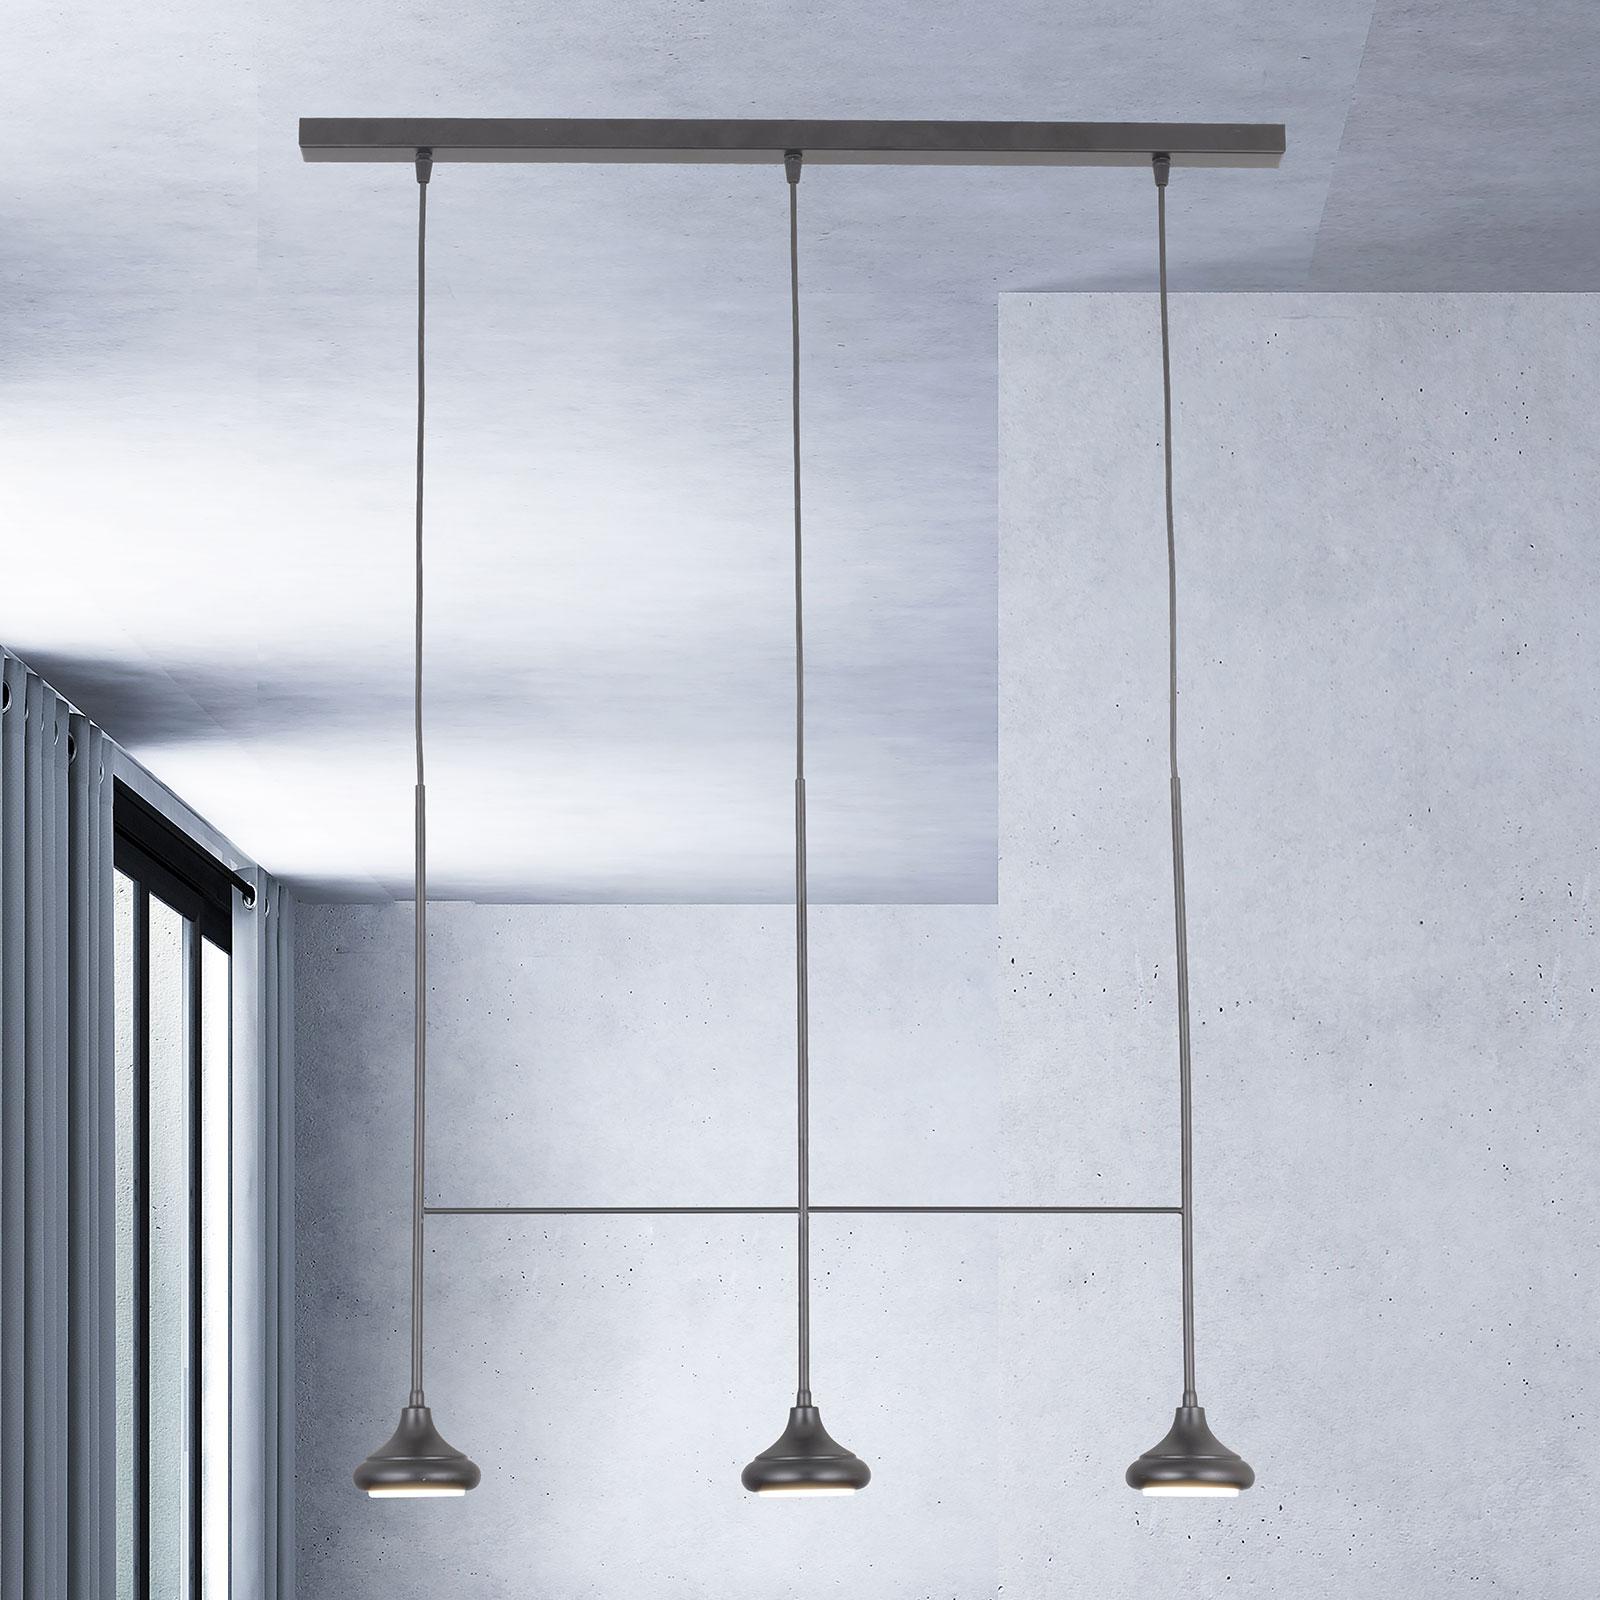 Riippuvalo 1680/3TR, 3-lamppuinen, mattamusta